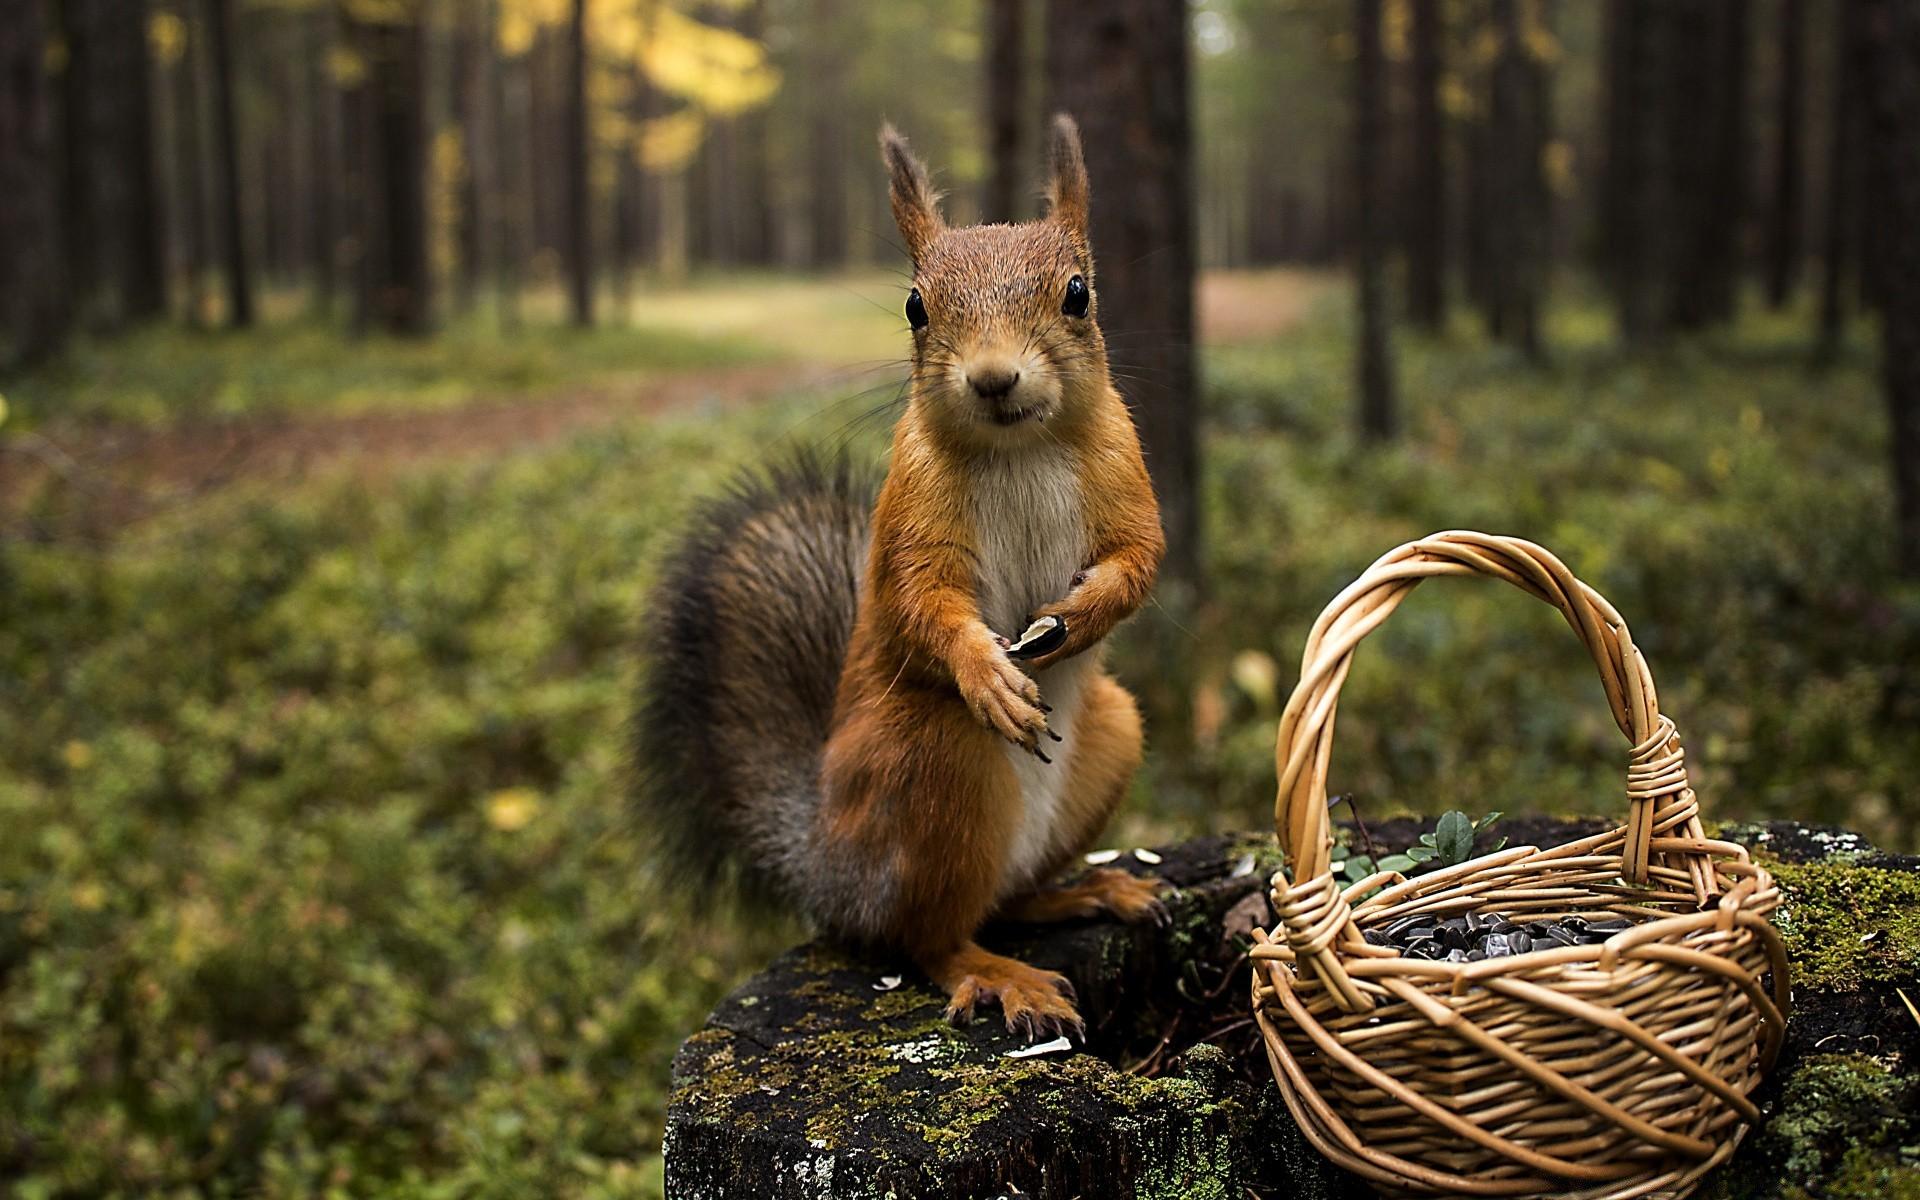 Красивые картинки с животными и природой прикольные